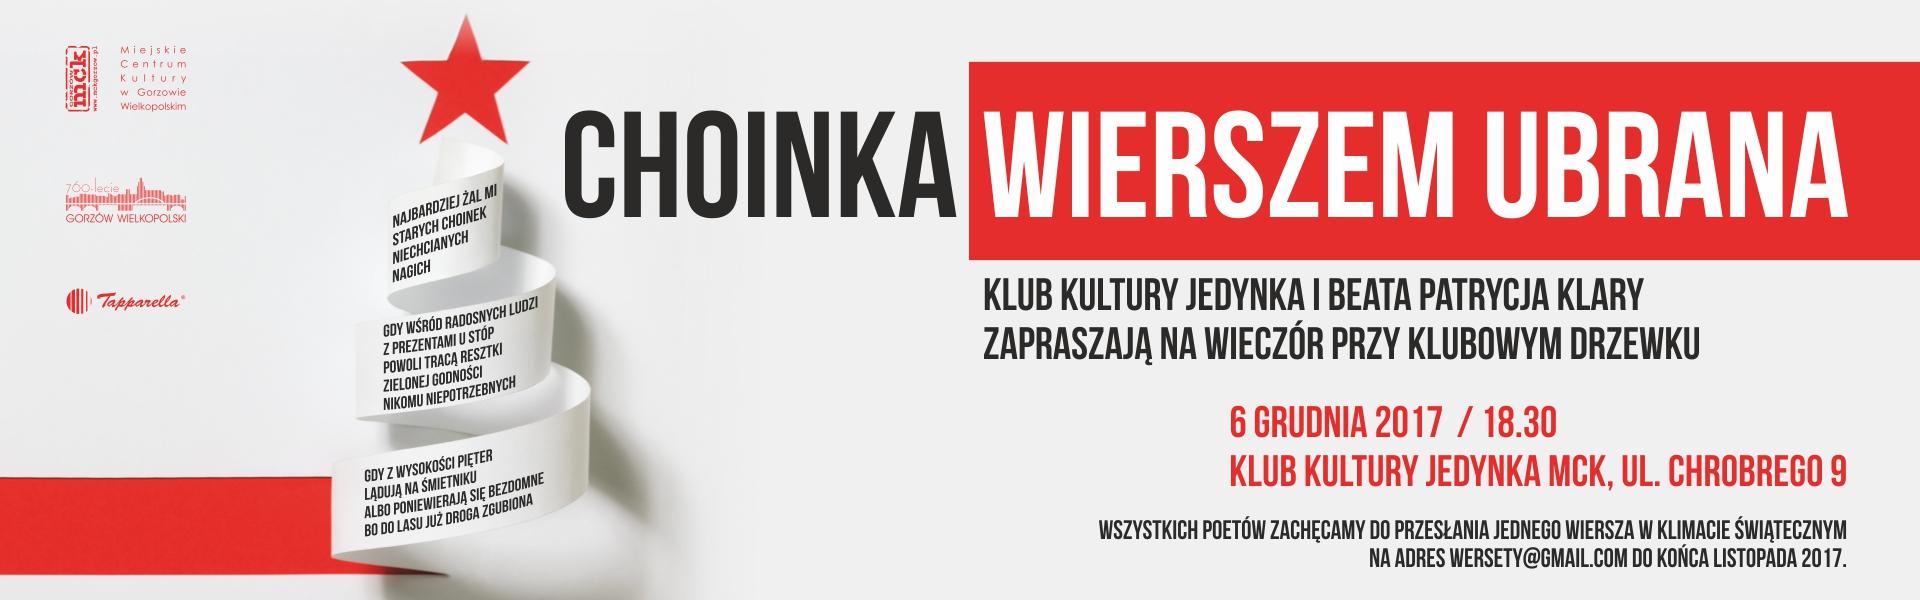 Baner Choinka Wierszem